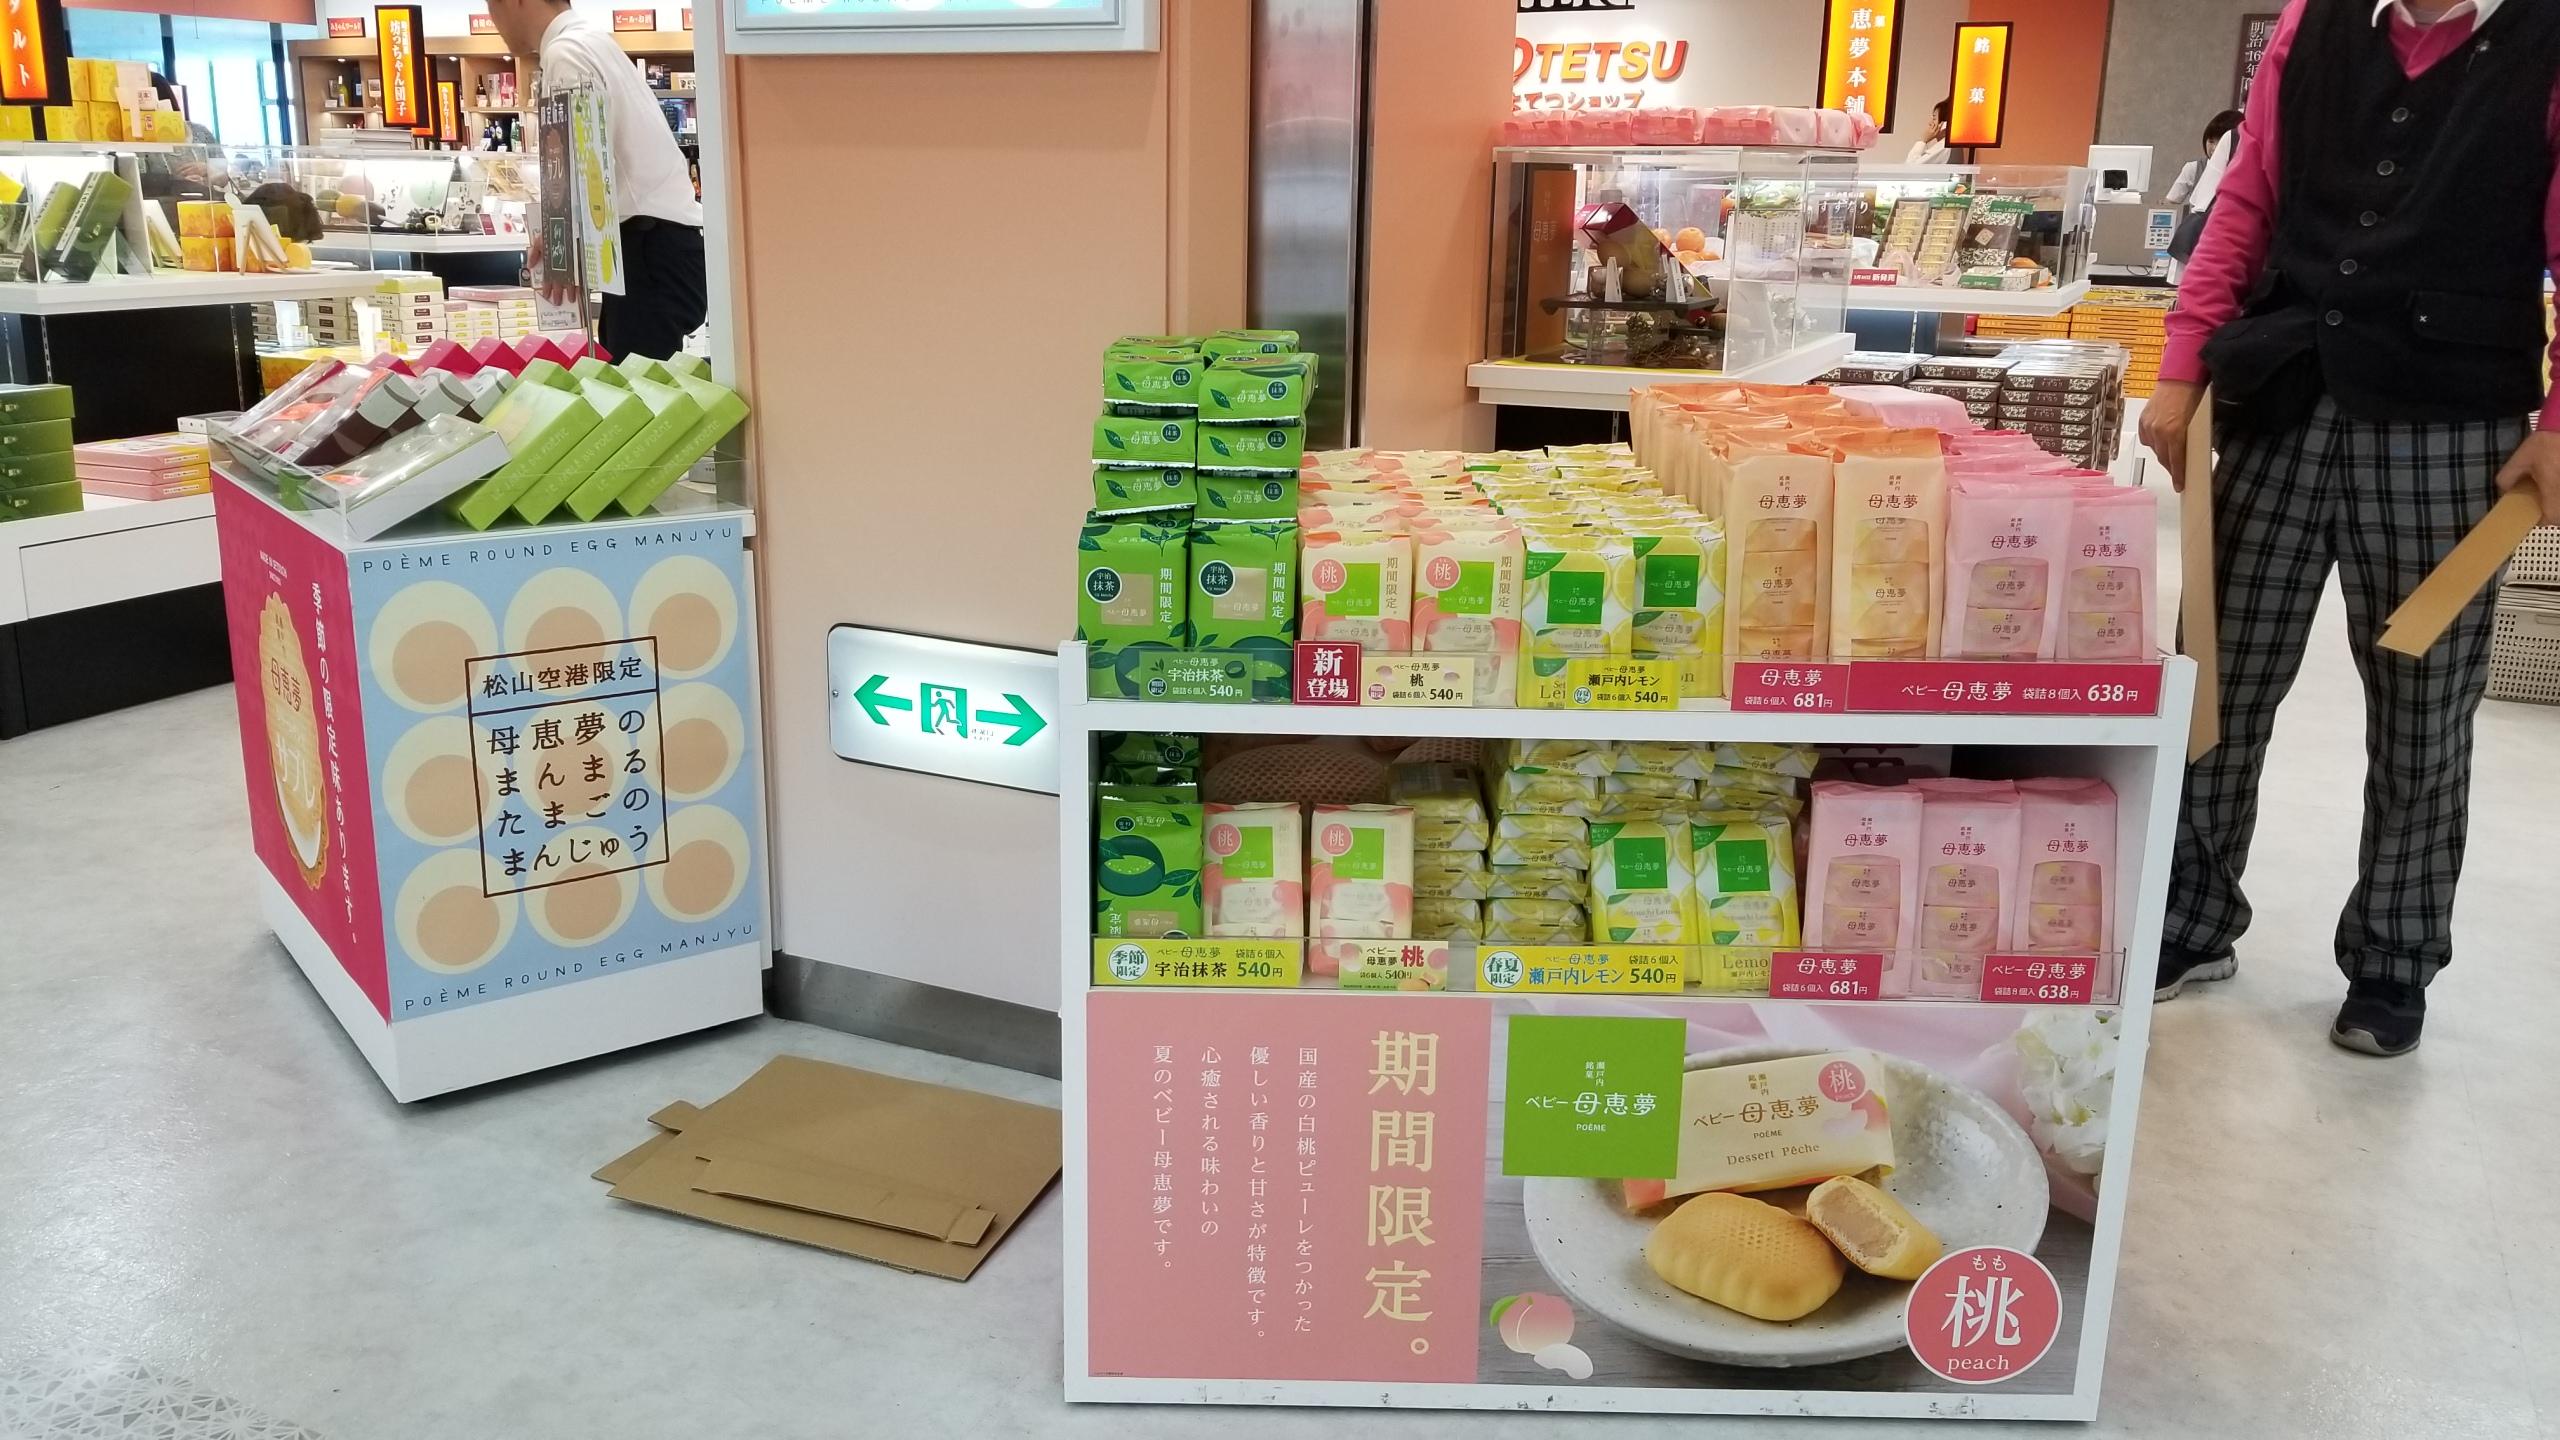 東京旅行前,松山空港,土産屋,お店,ポエム,母恵夢,お菓子,懐かしい味